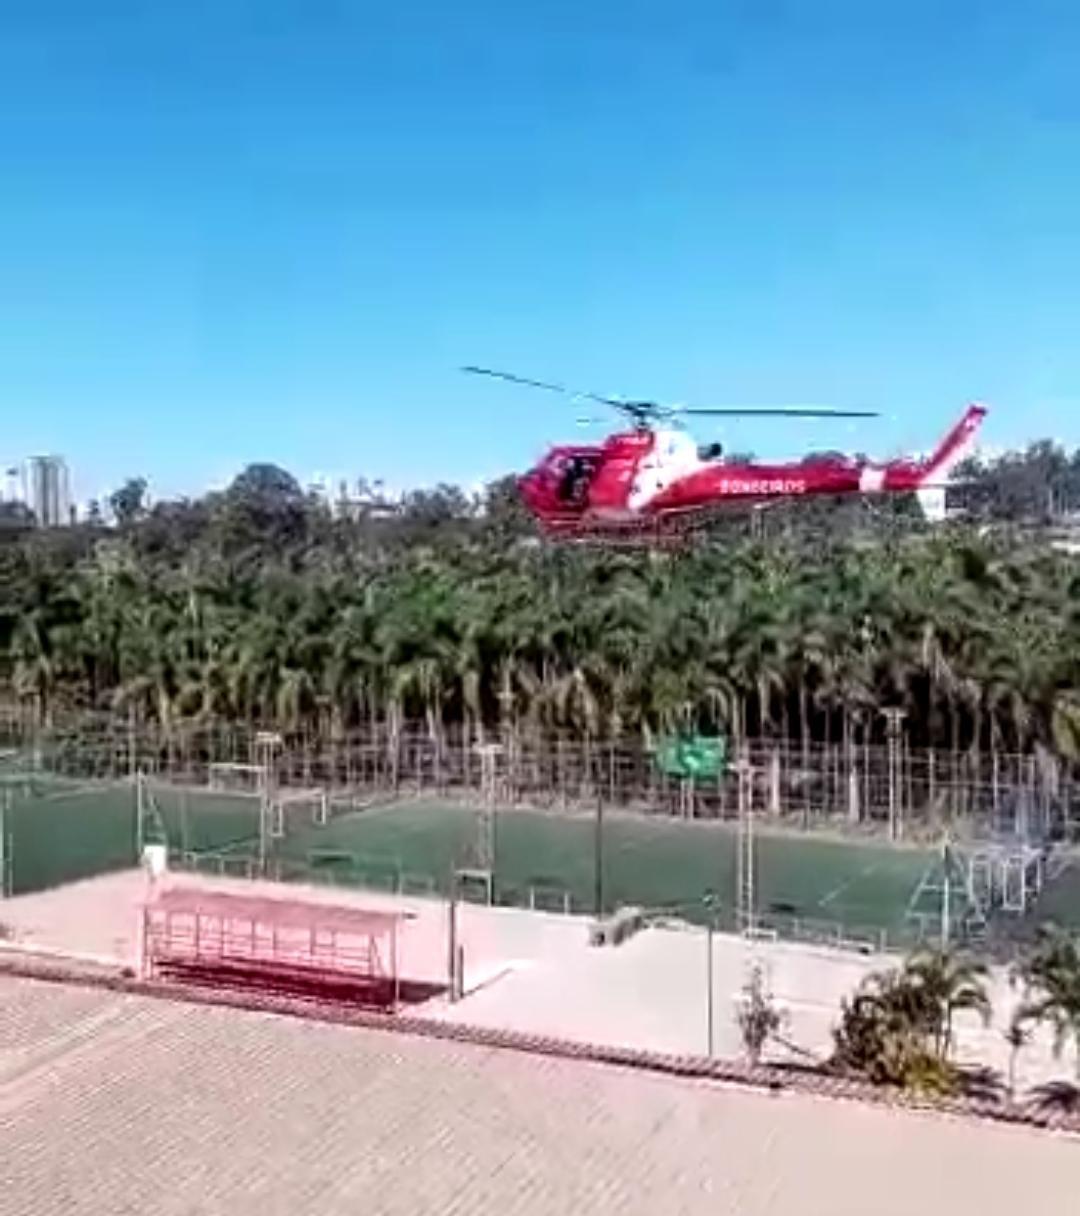 VÍDEO: MOMENTO EM QUE O HELICÓPTERO DO CORPO DE BOMBEIROS CAI NO HOSPITAL UNIVERSITÁRIO DO DF